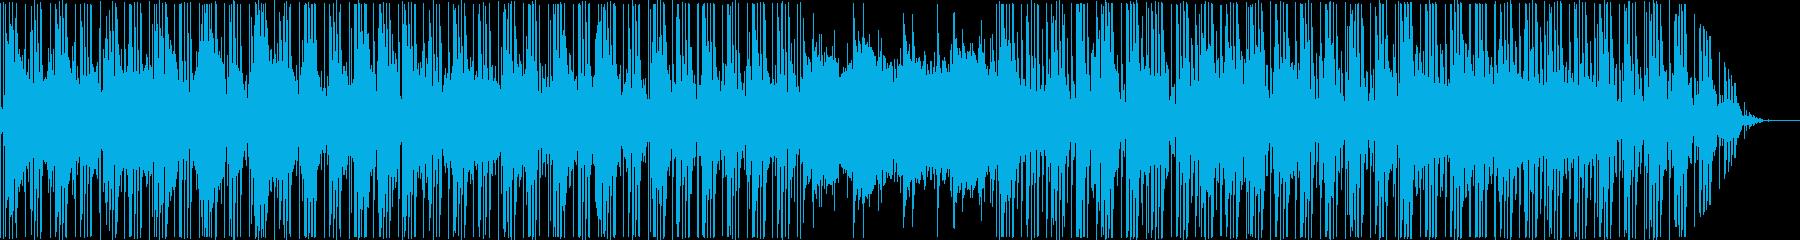 アジアンテイストなヒップホップの再生済みの波形